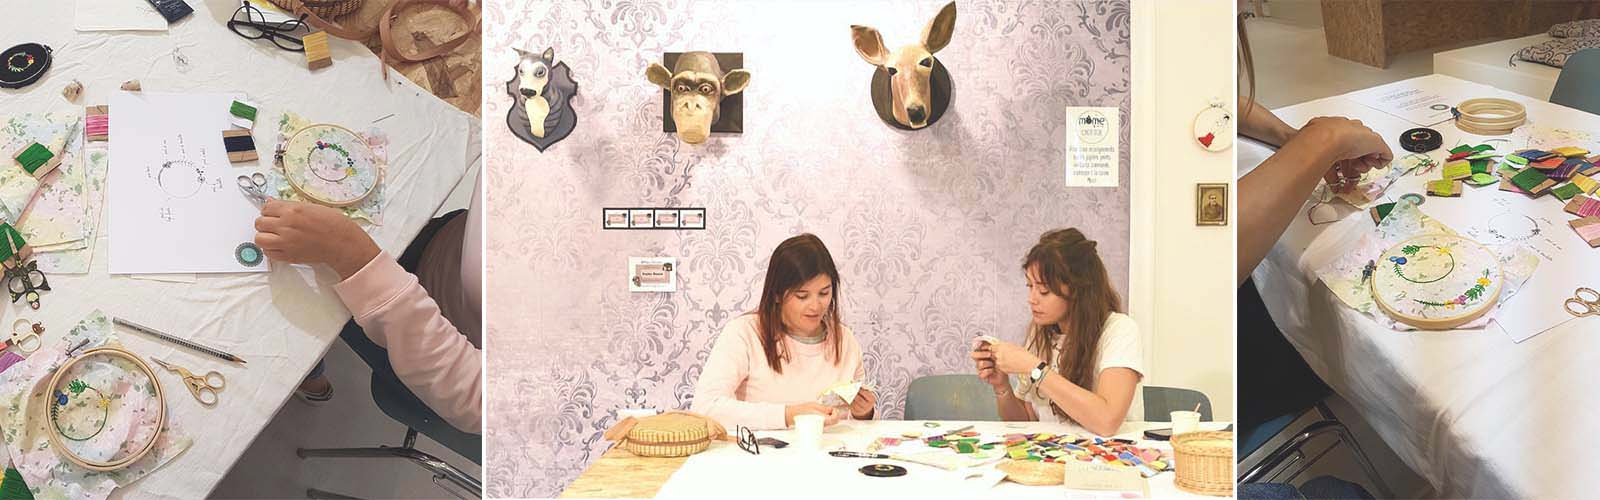 diapo ateliers les arts domestiques